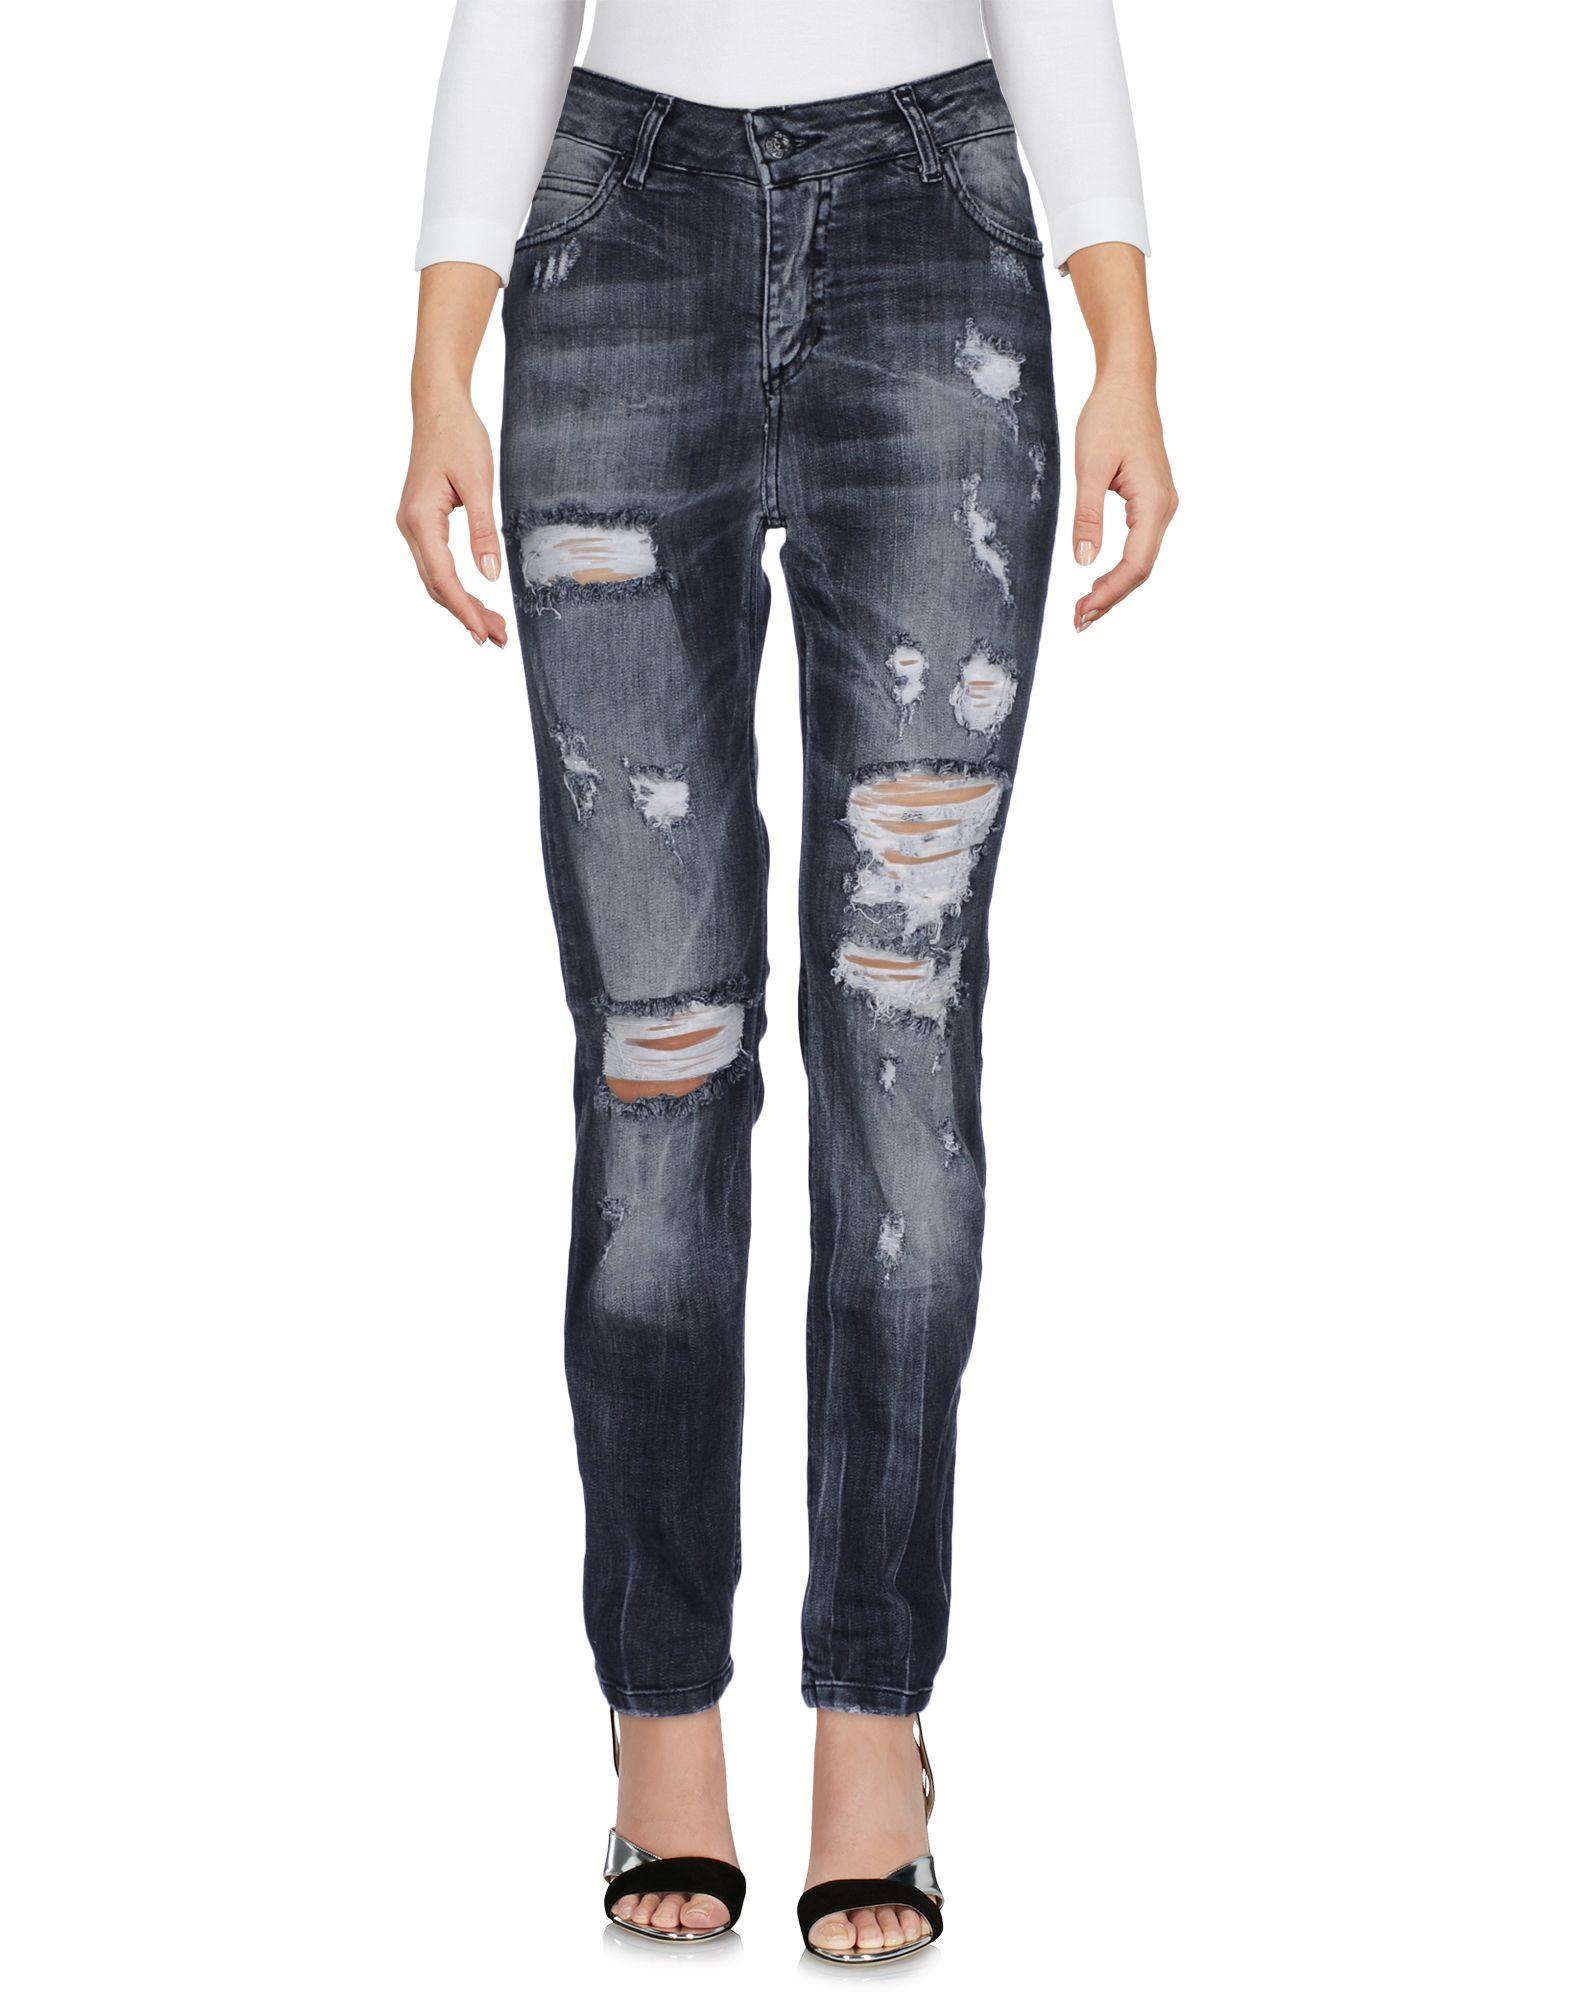 ФОТО klixs jeans Джинсовые брюки